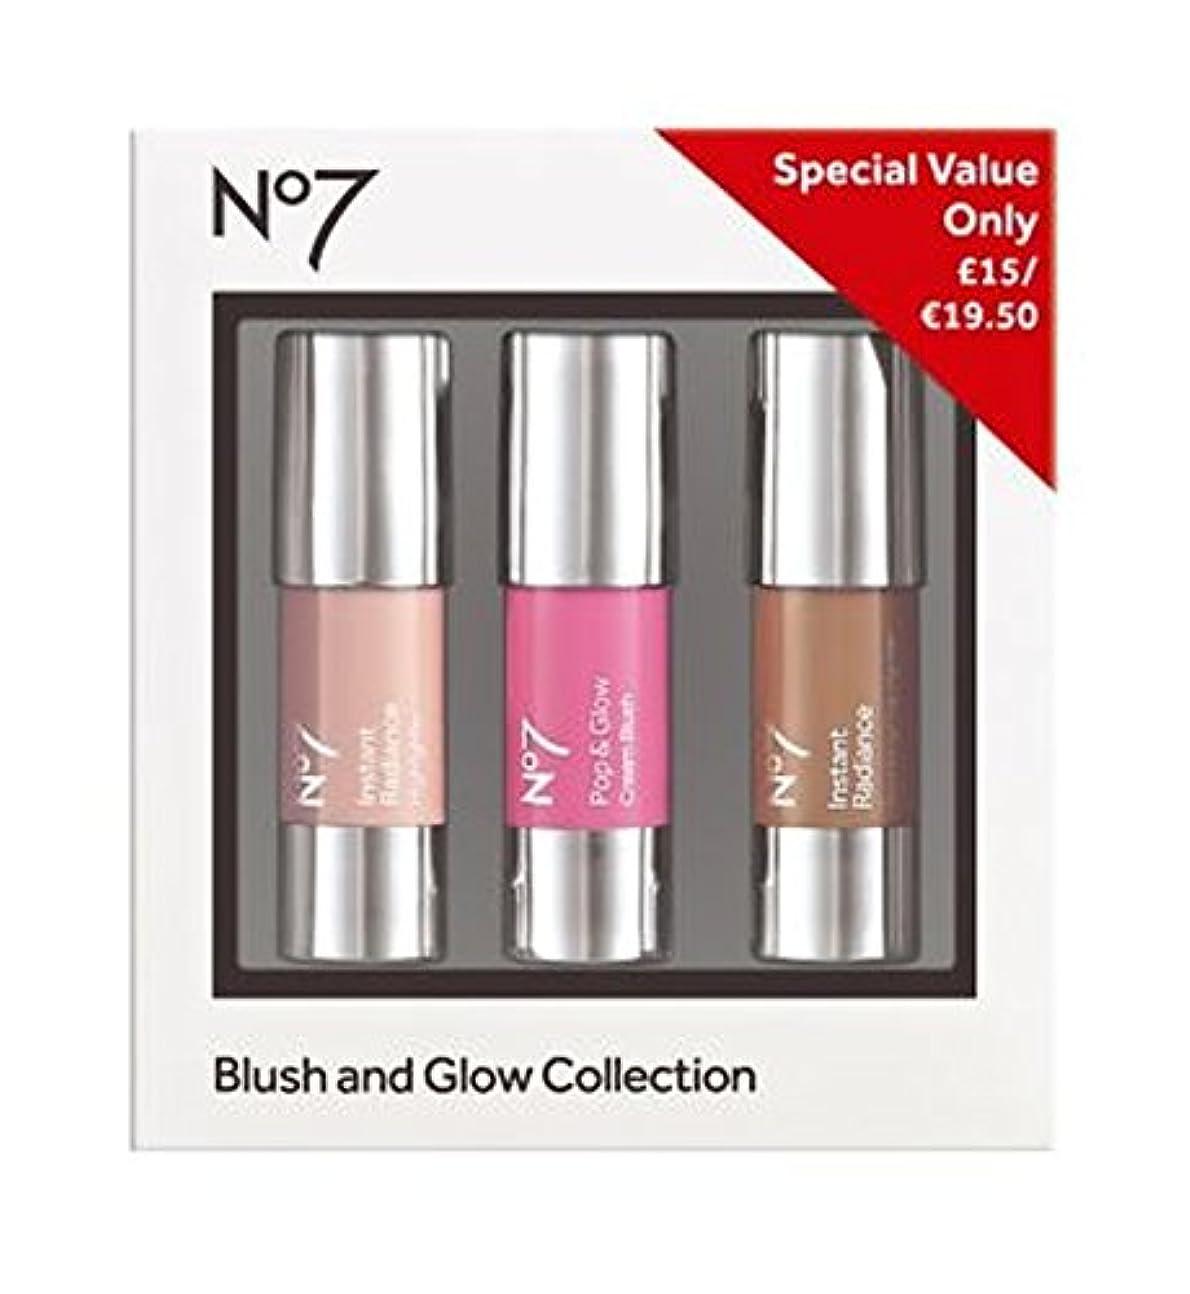 流行している花婿祭司No7 Blush and Glow Collection - No7の赤面とグローコレクション (No7) [並行輸入品]